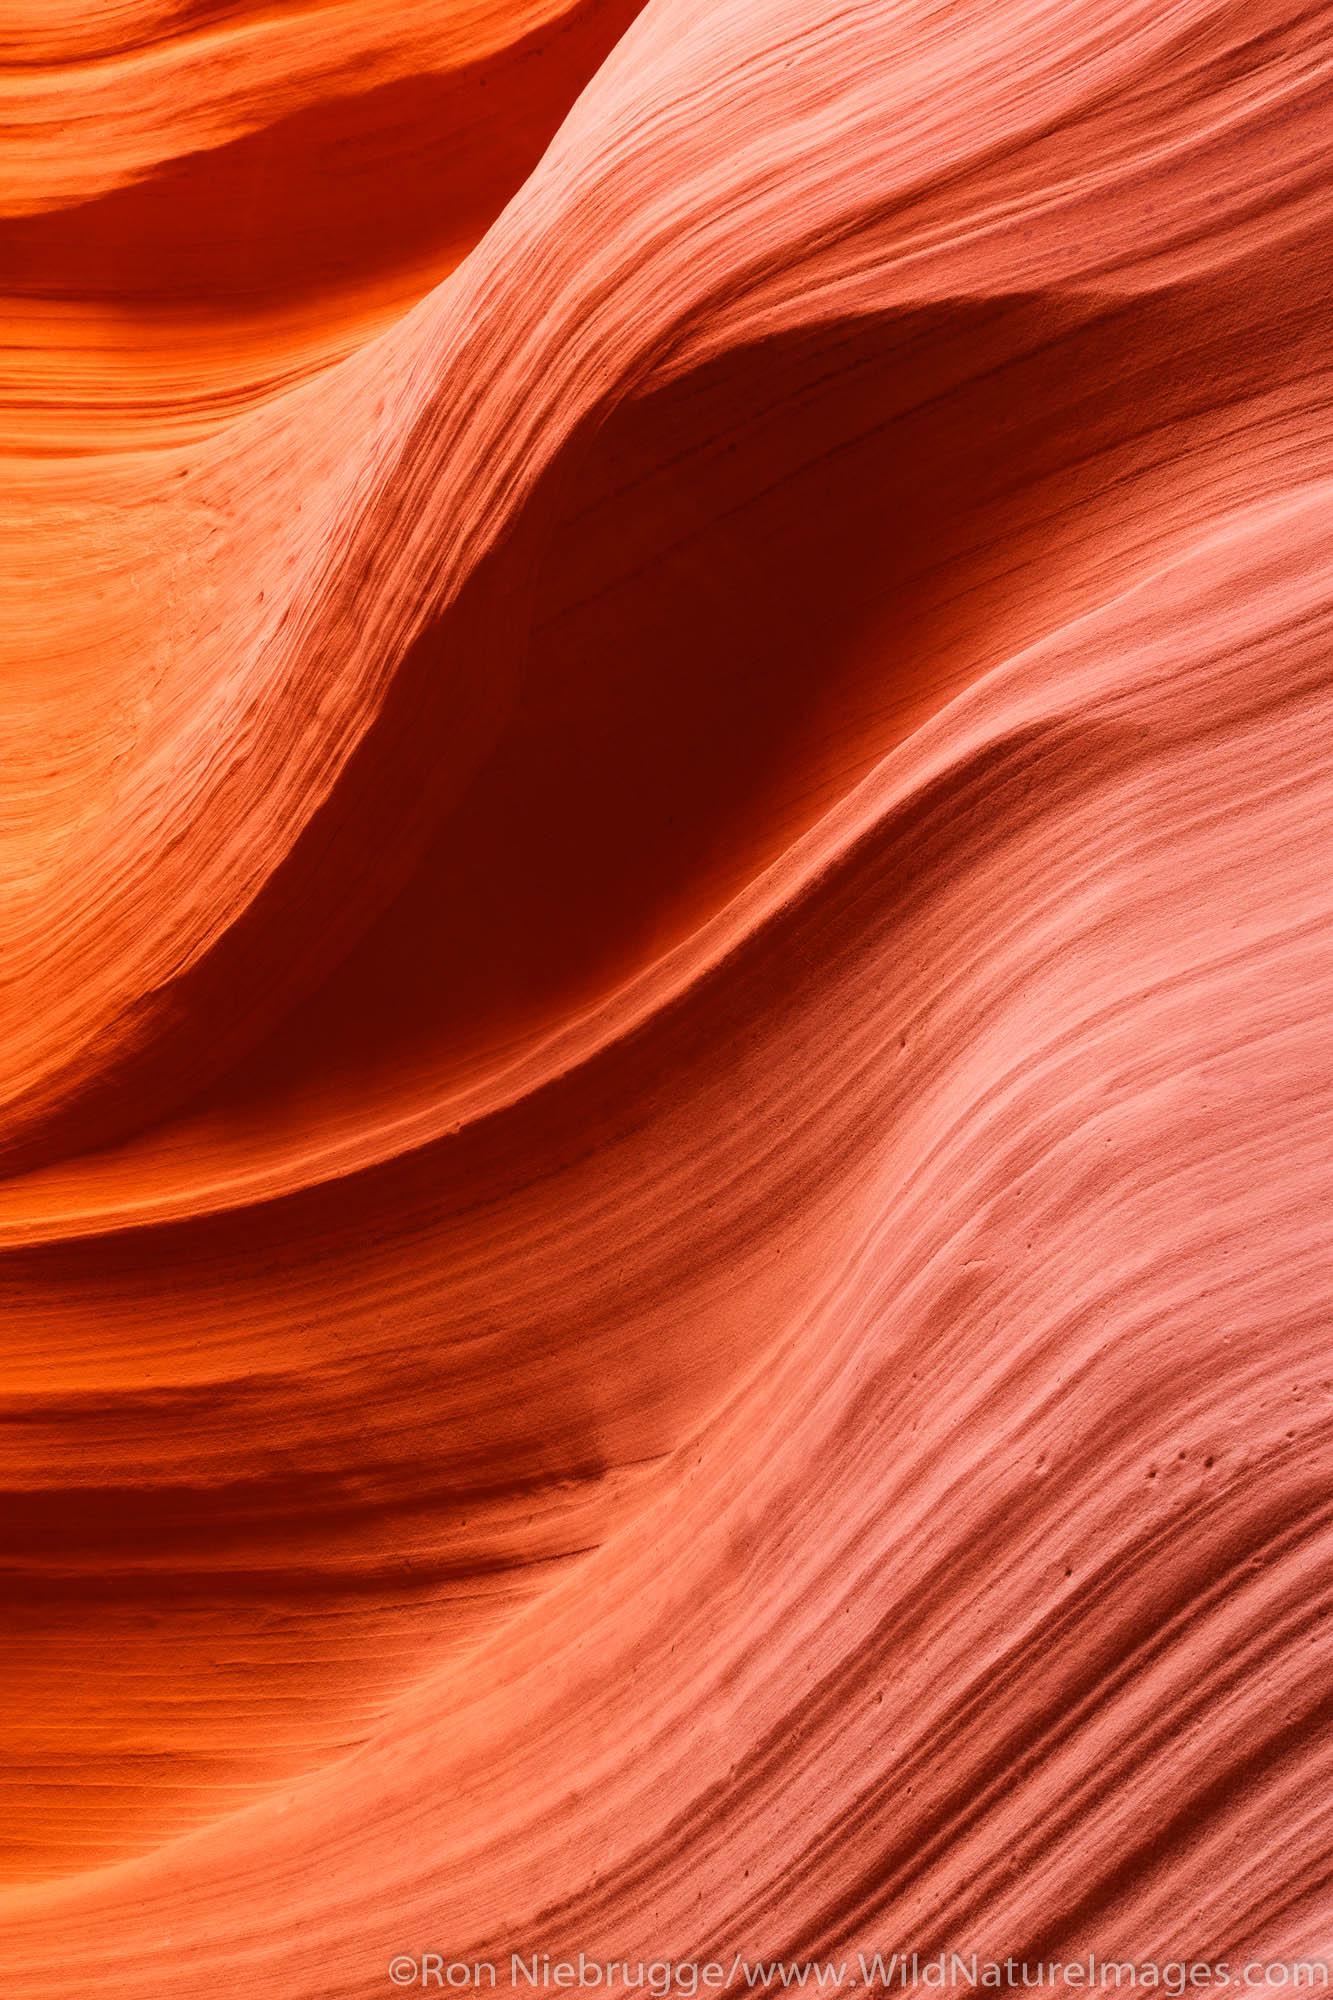 Canyon X slot canyon, Navajo Park Land, Page, Arizona.